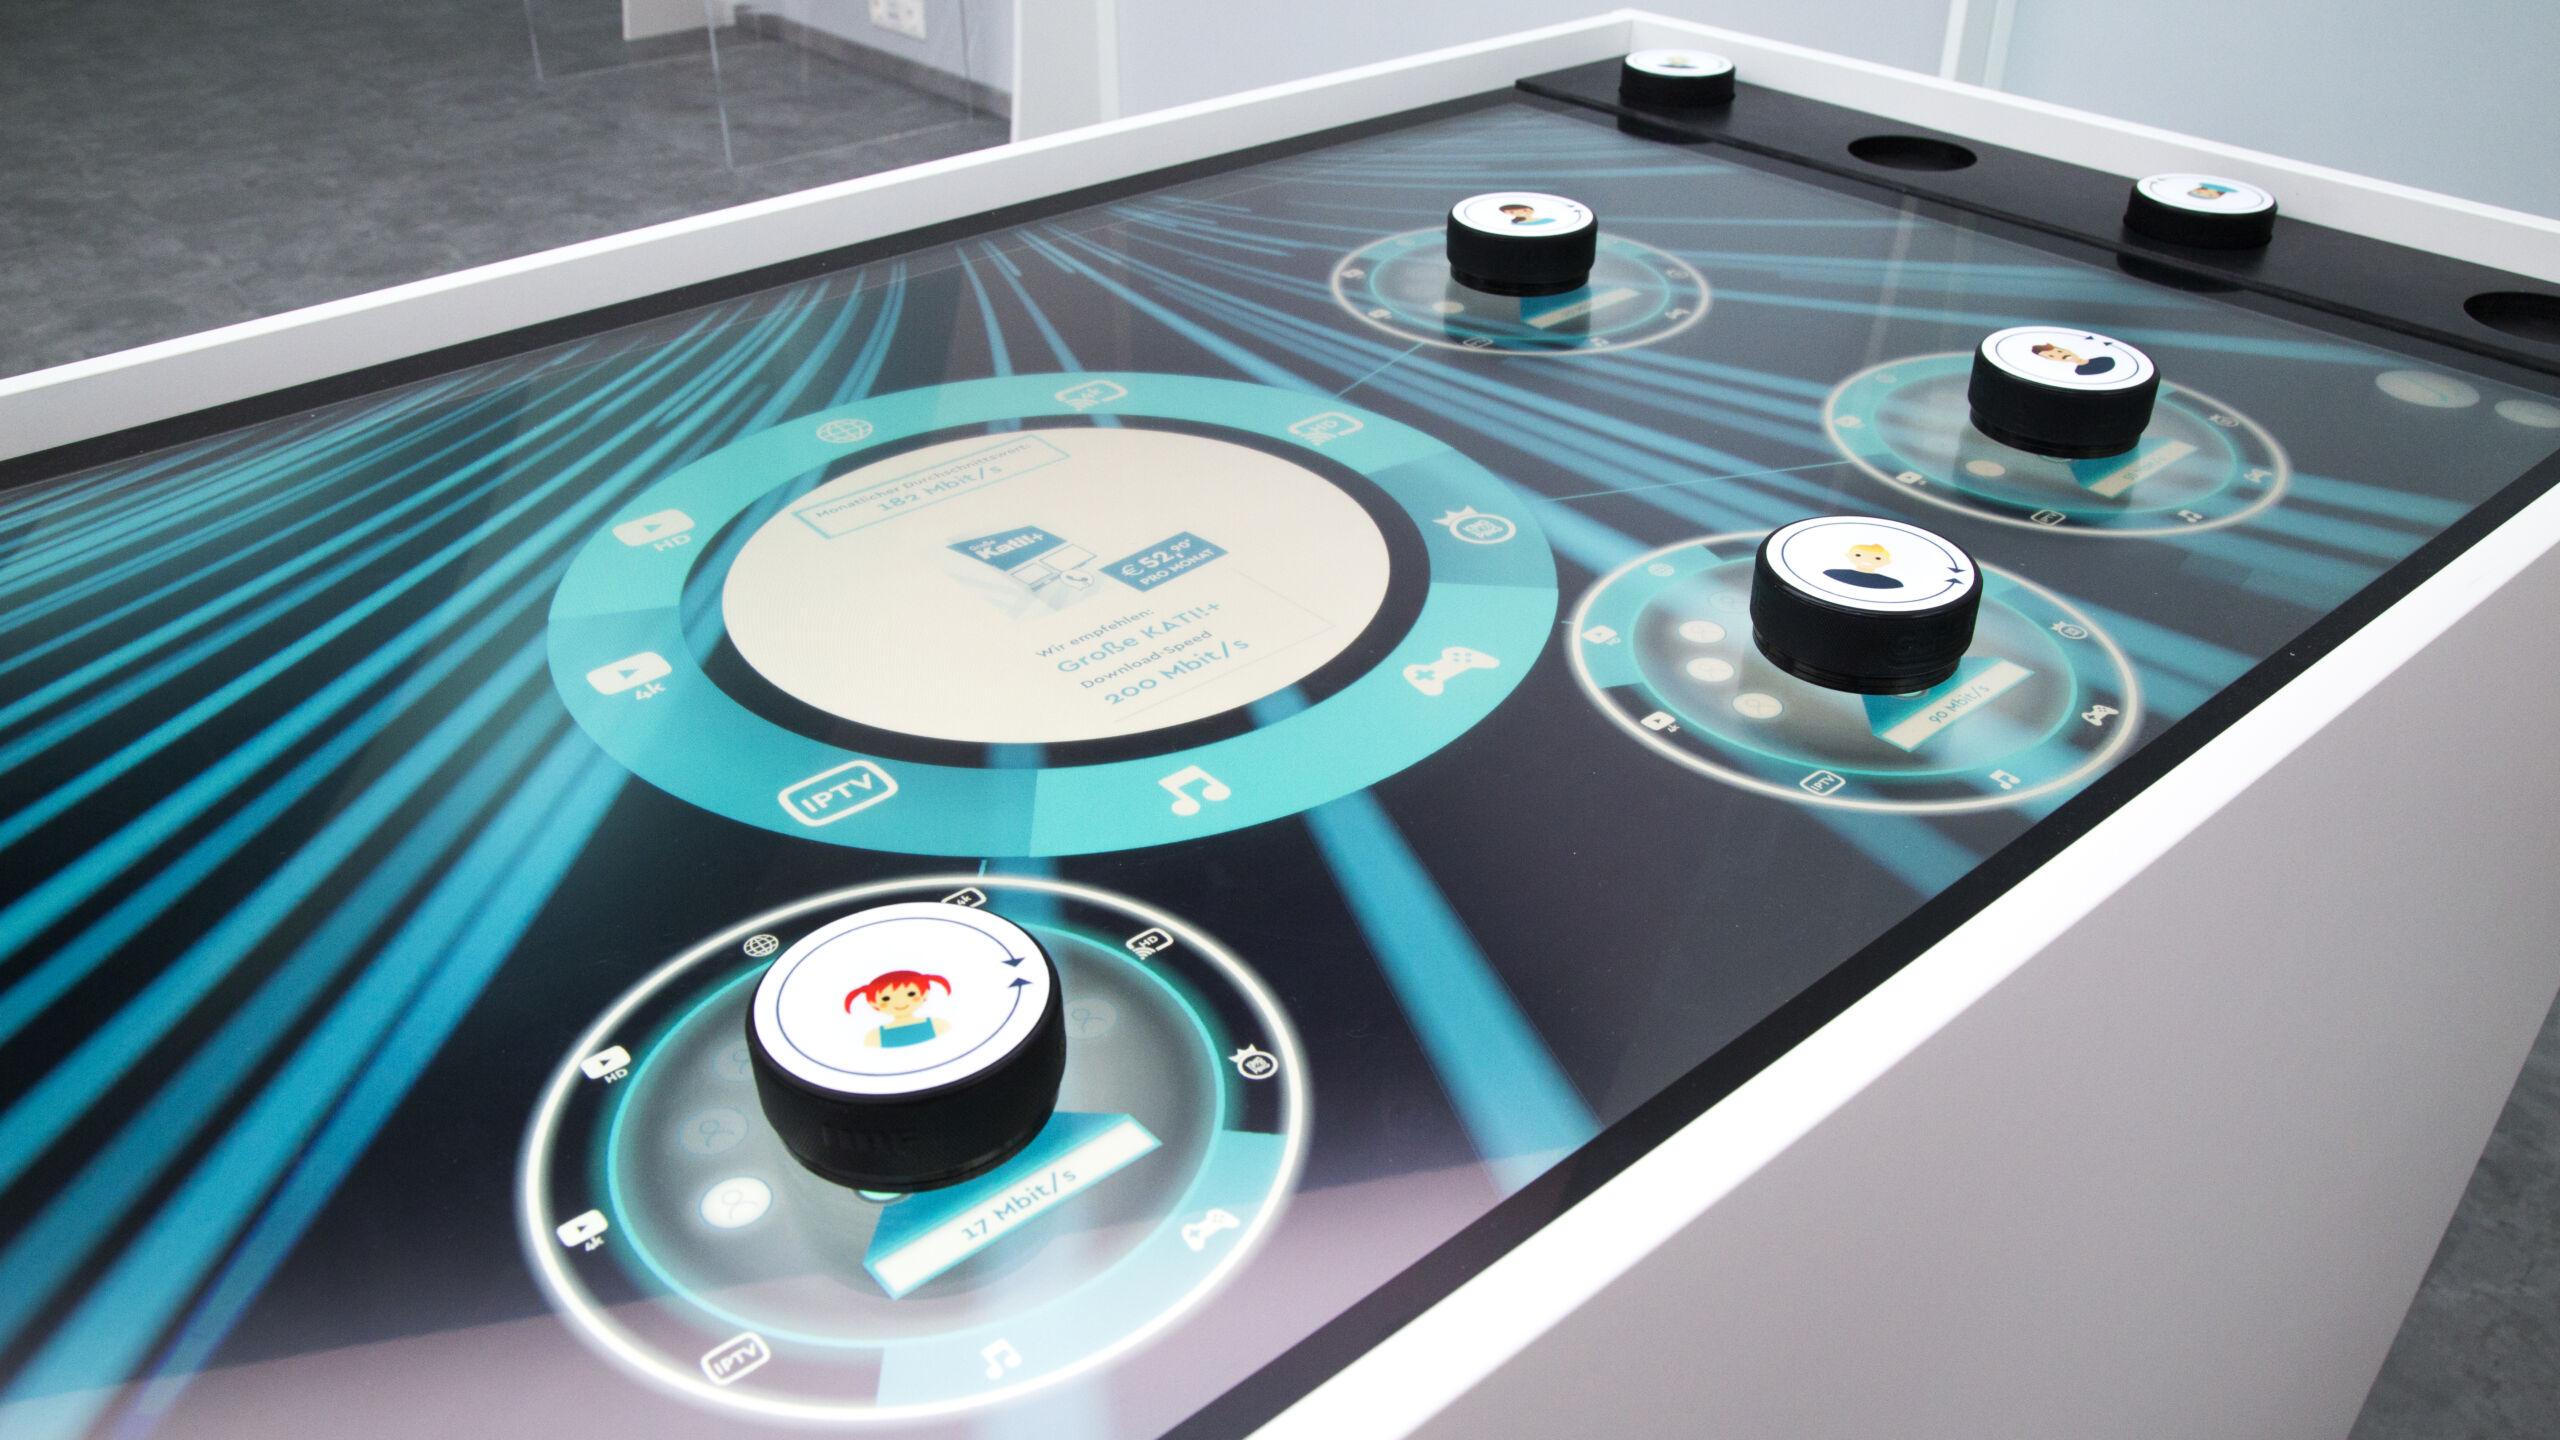 Produkt-Konfiguration auf Multitouch-Tisch mit kapazitiven Markern